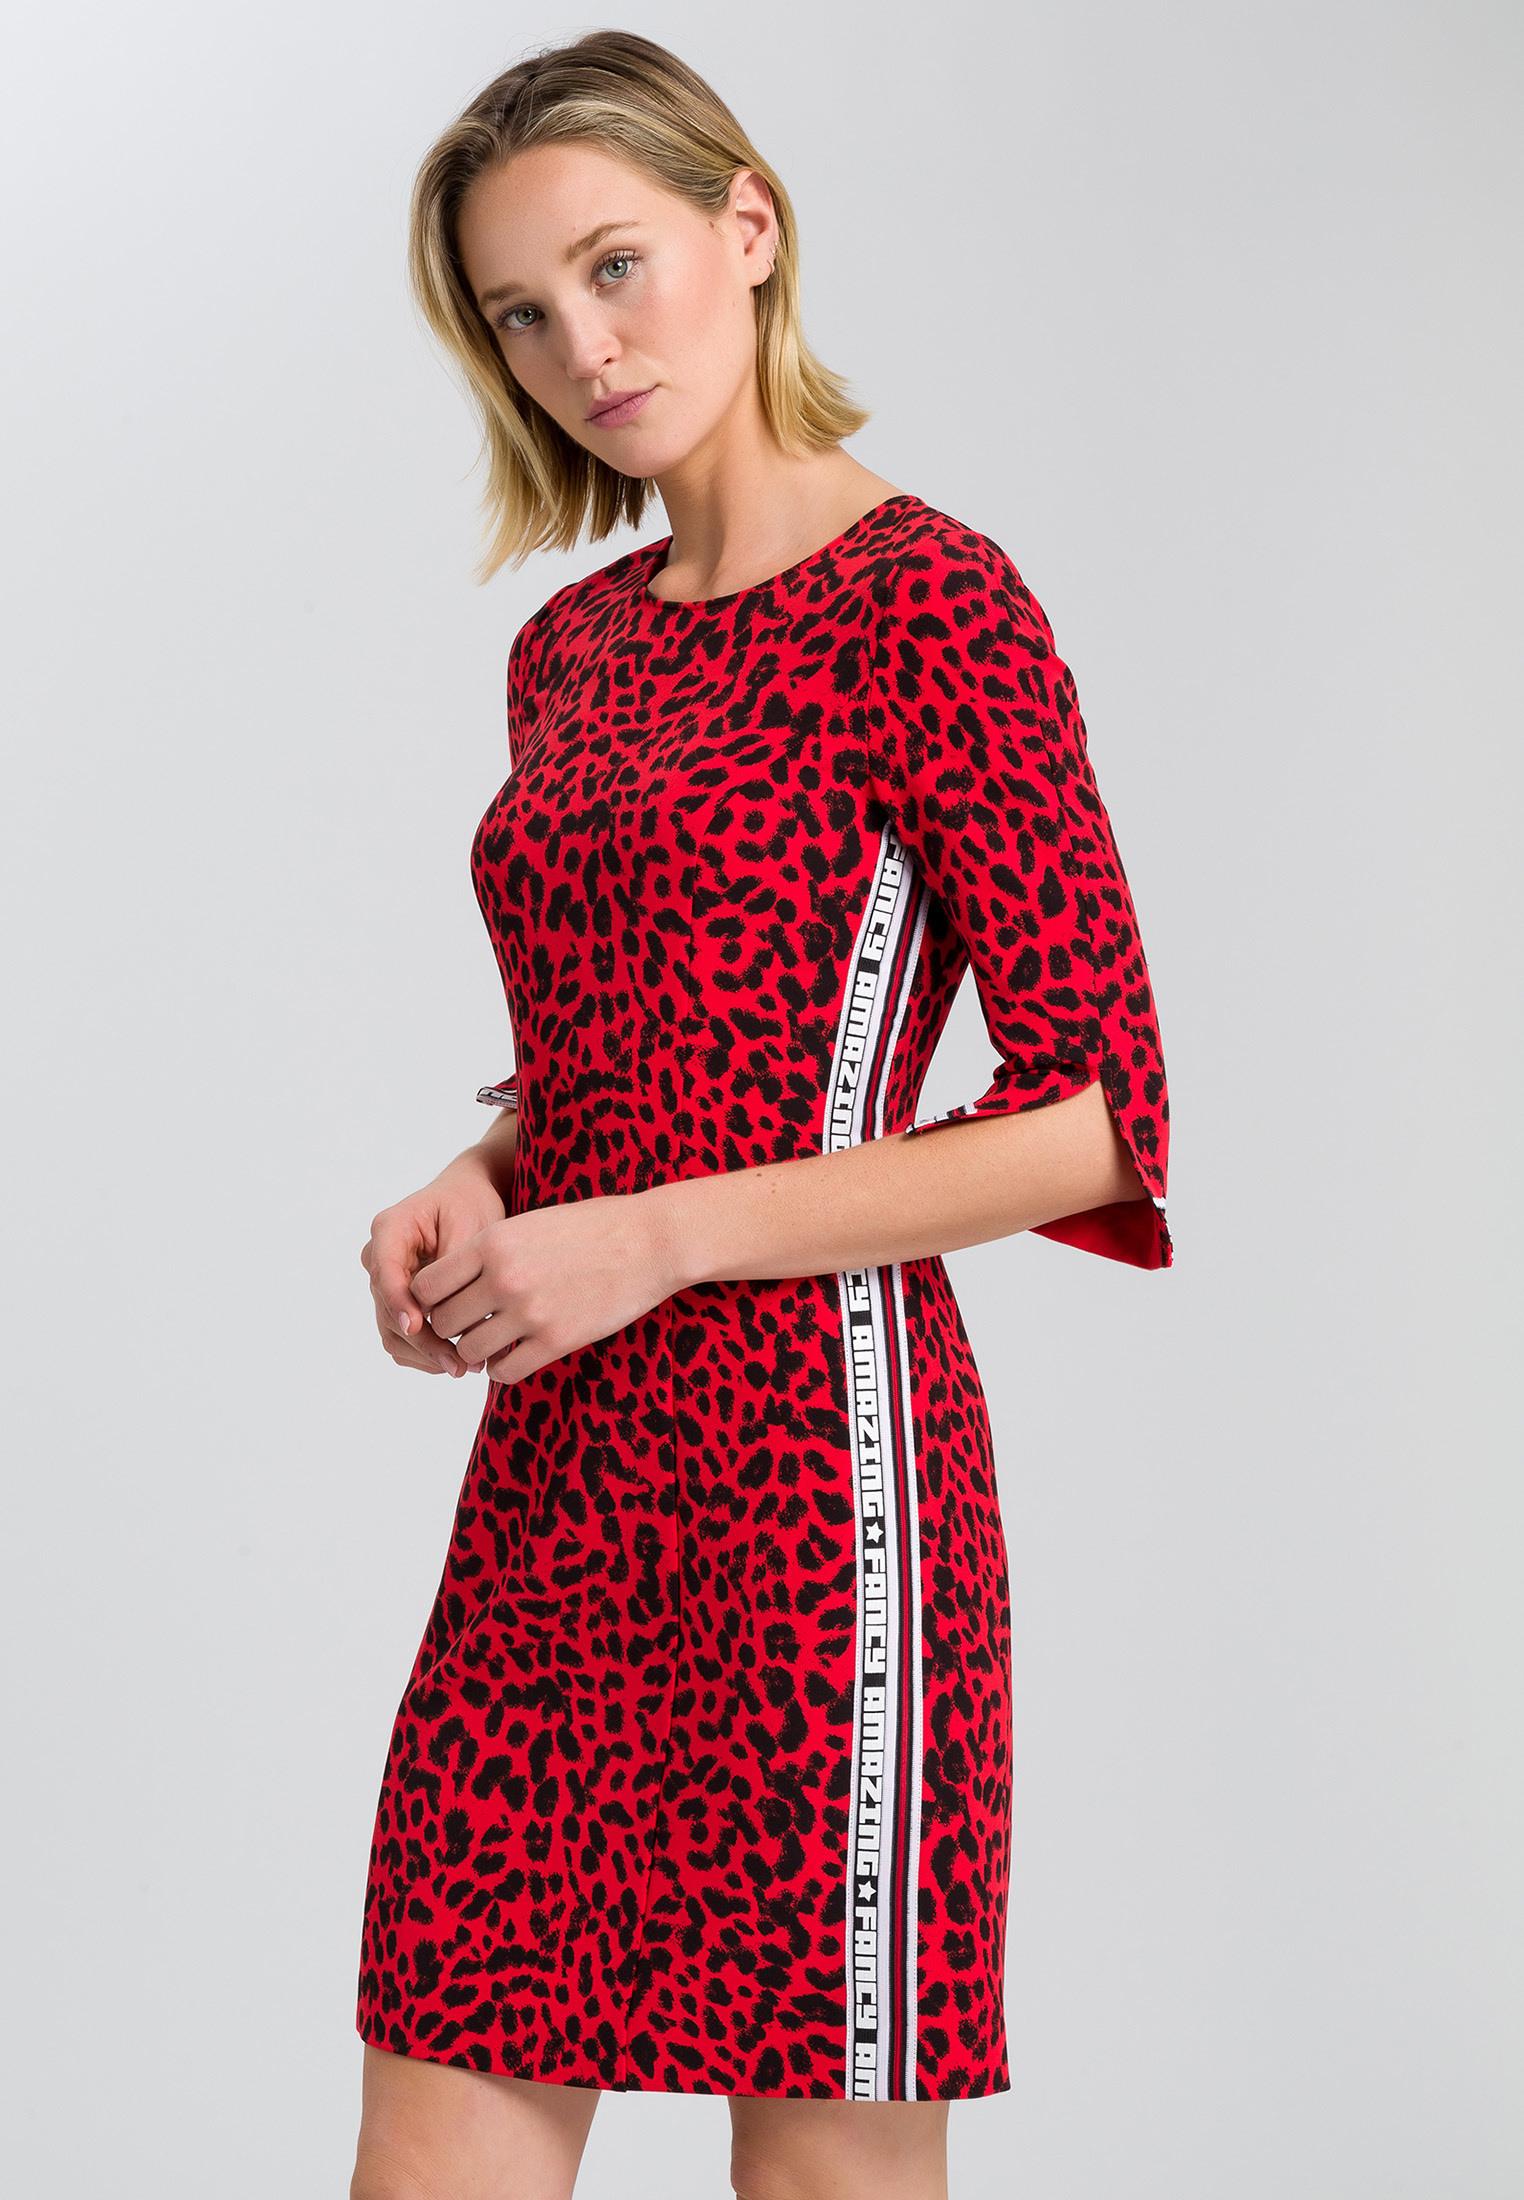 Kleid Mit Leopardendruck Mit Schriftband  Kleider